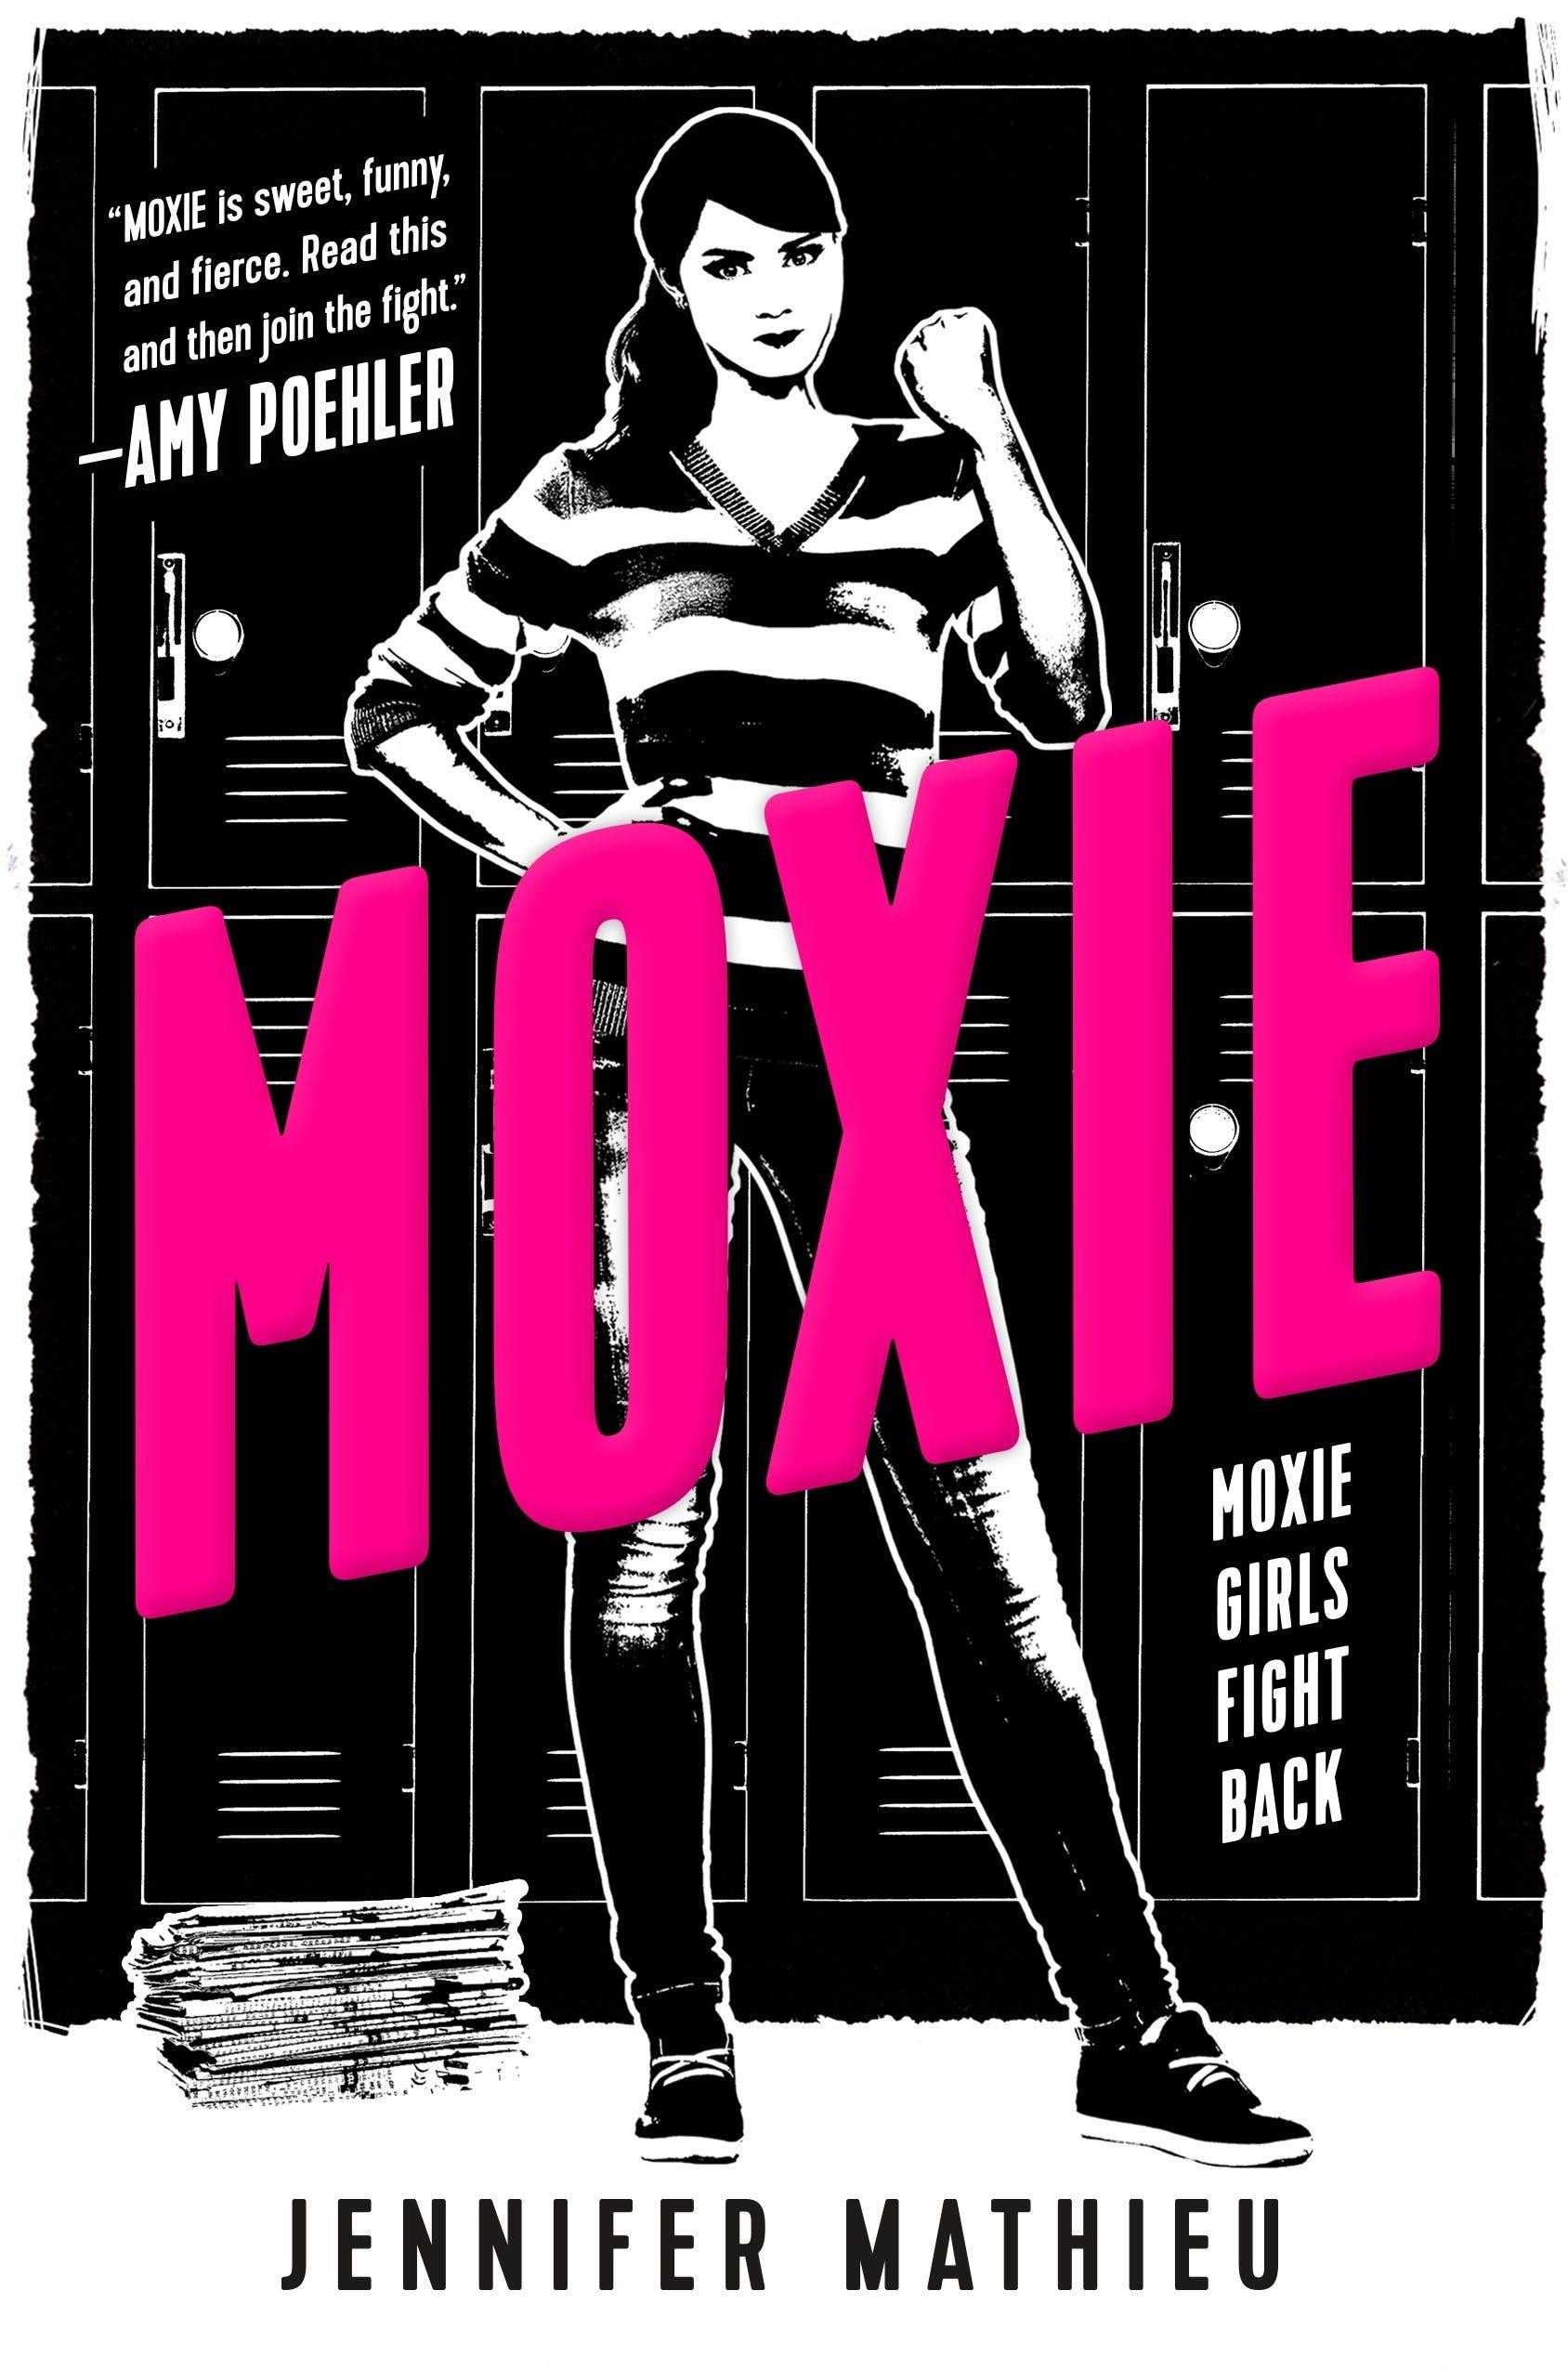 Moxie, by Jennifer Mathieu